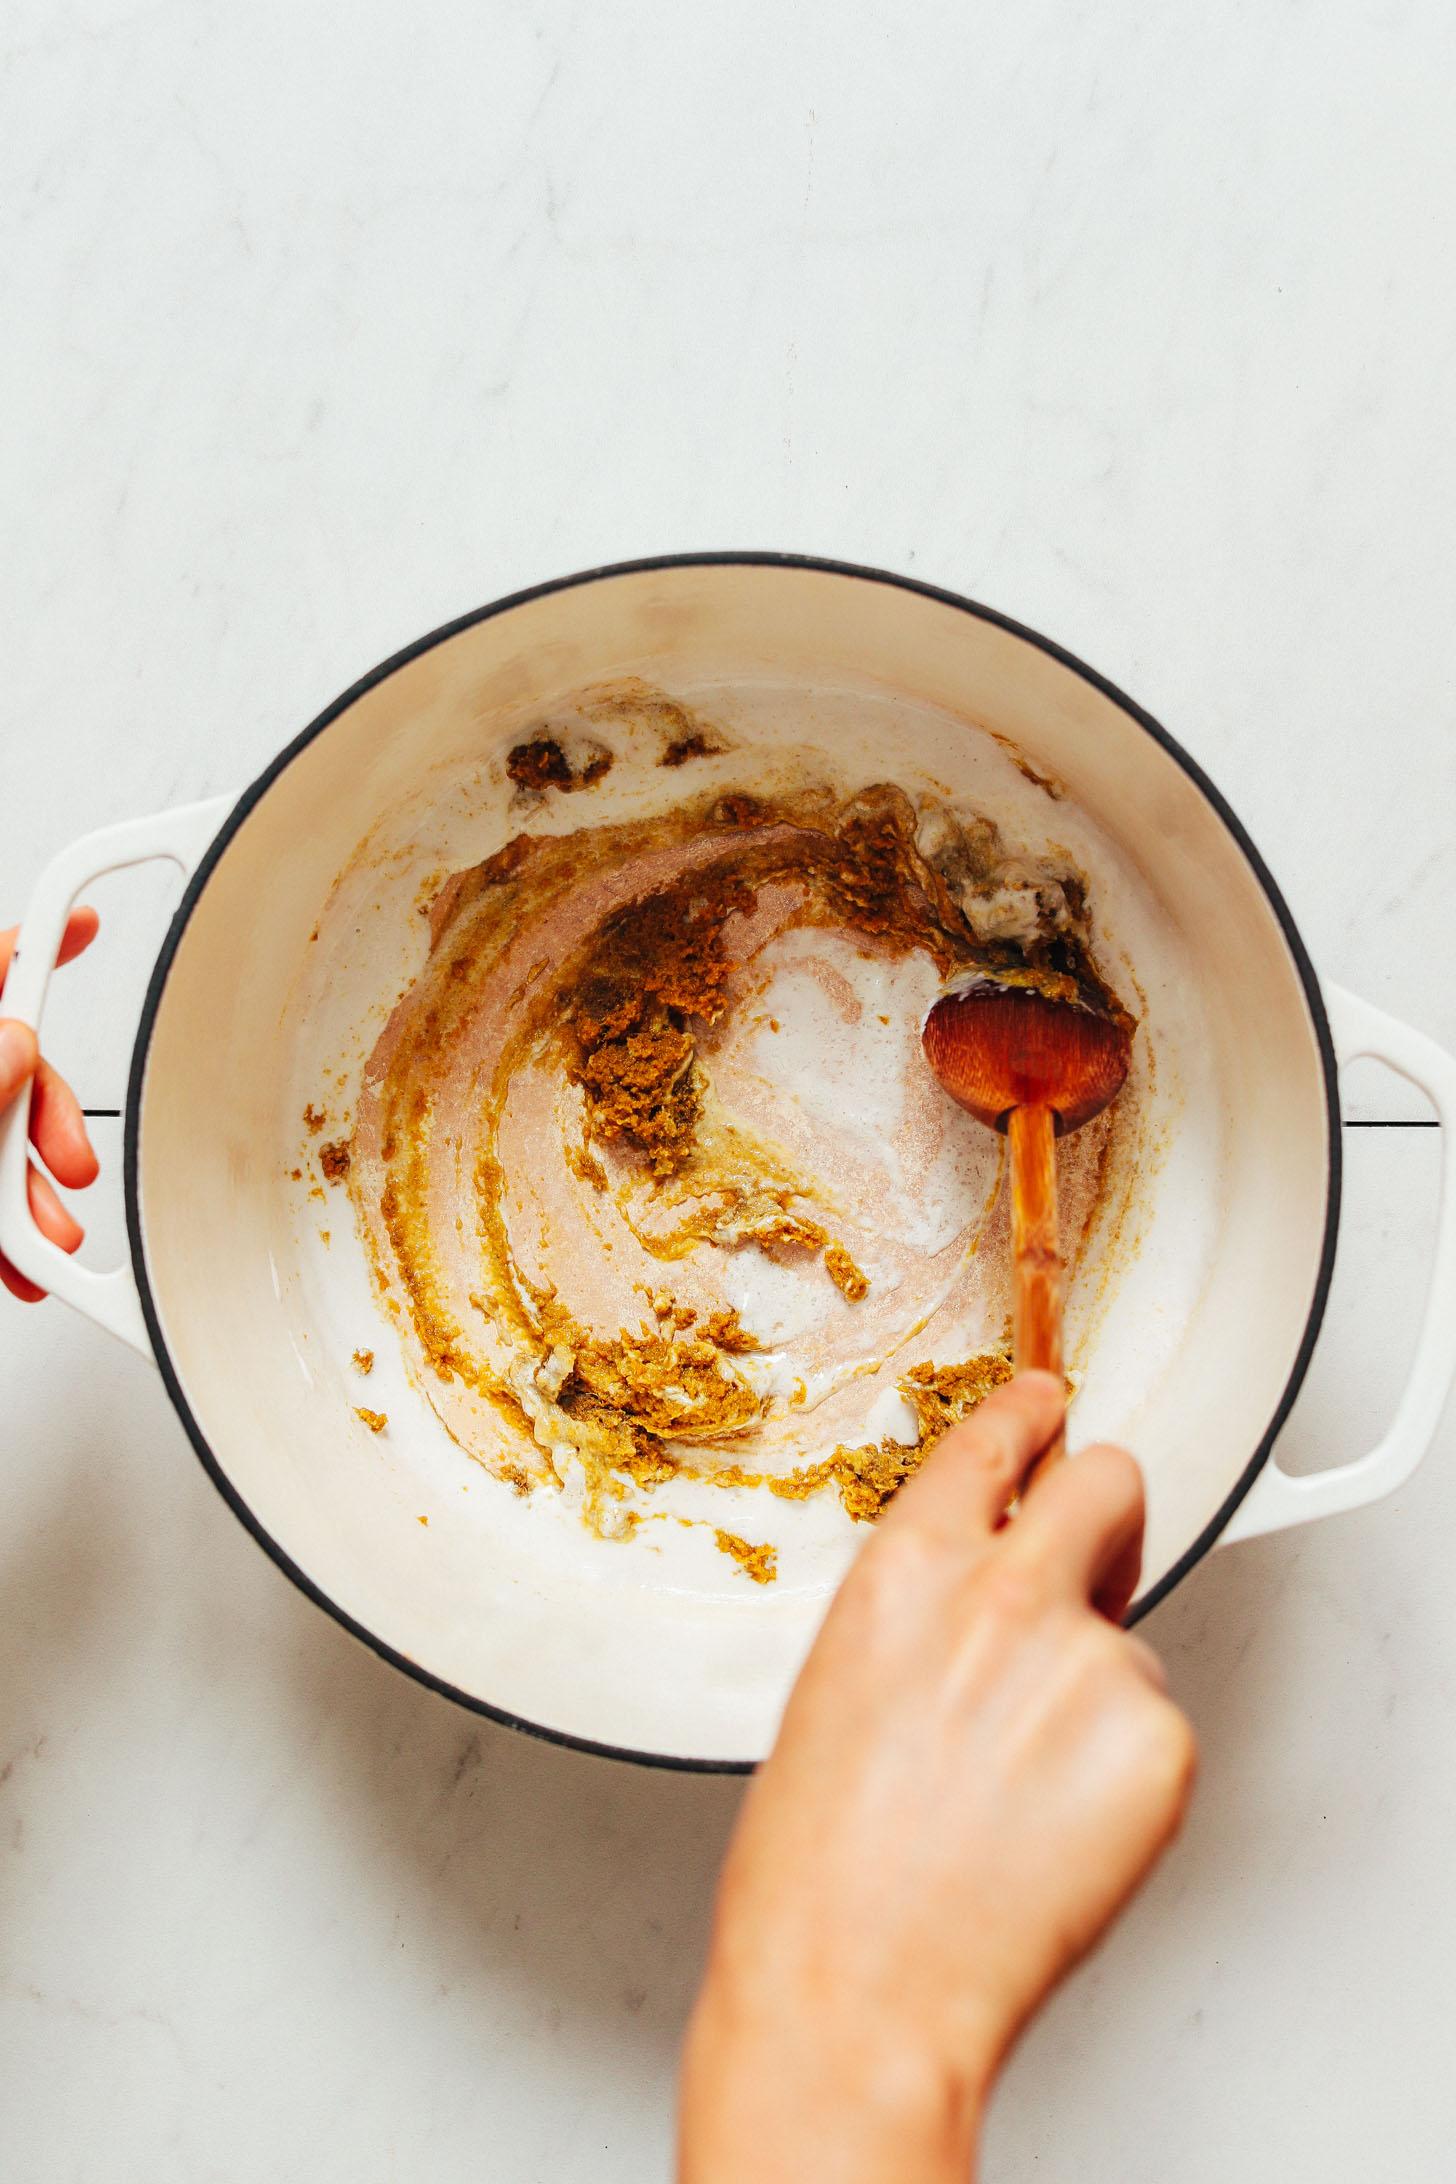 Remuer le lait de coco et la pâte de curry vert dans une casserole comme une astuce sans huile